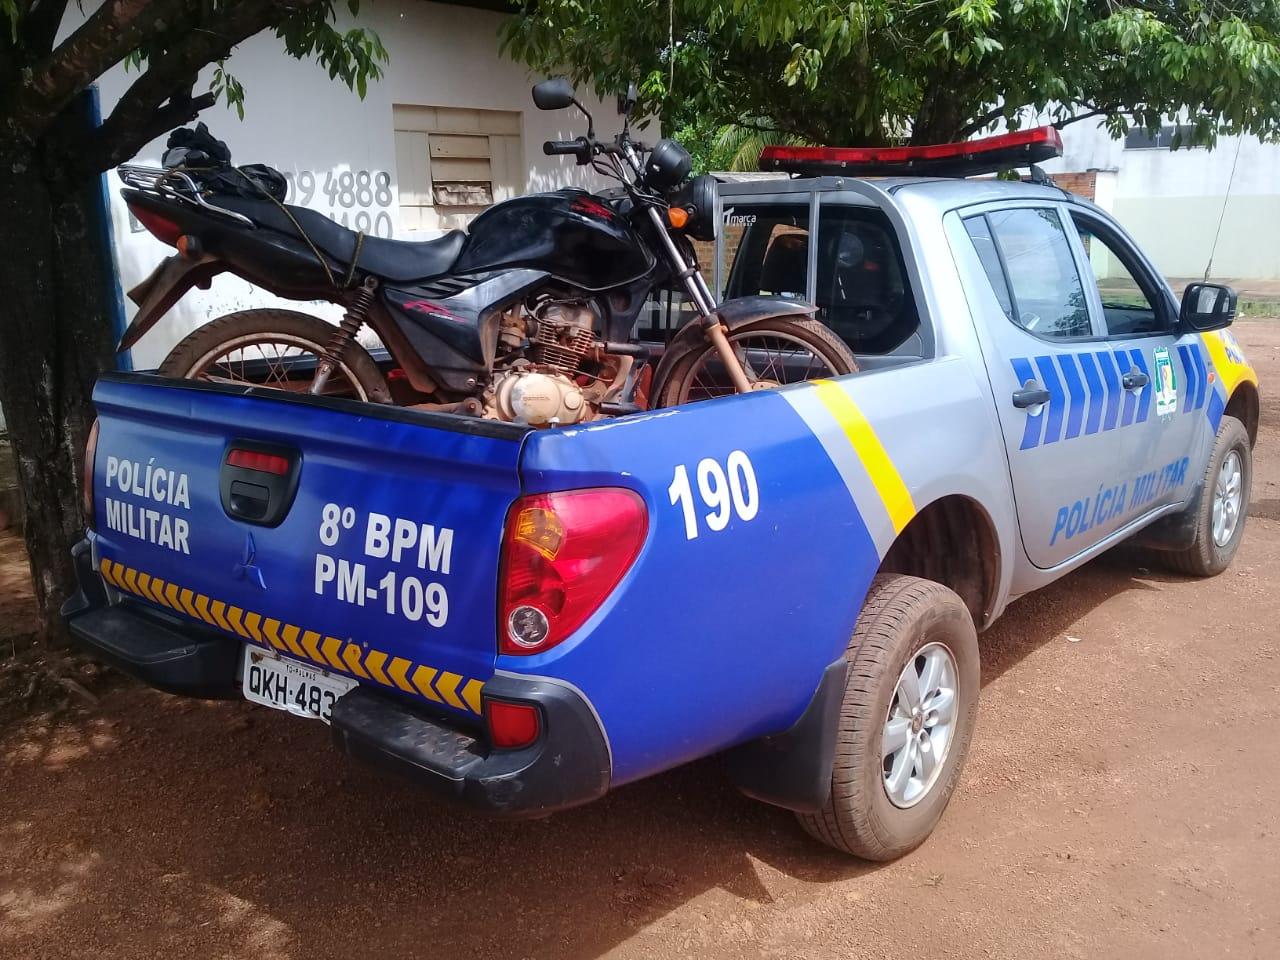 Polícia Militar recupera em Marianópolis mais uma moto roubada